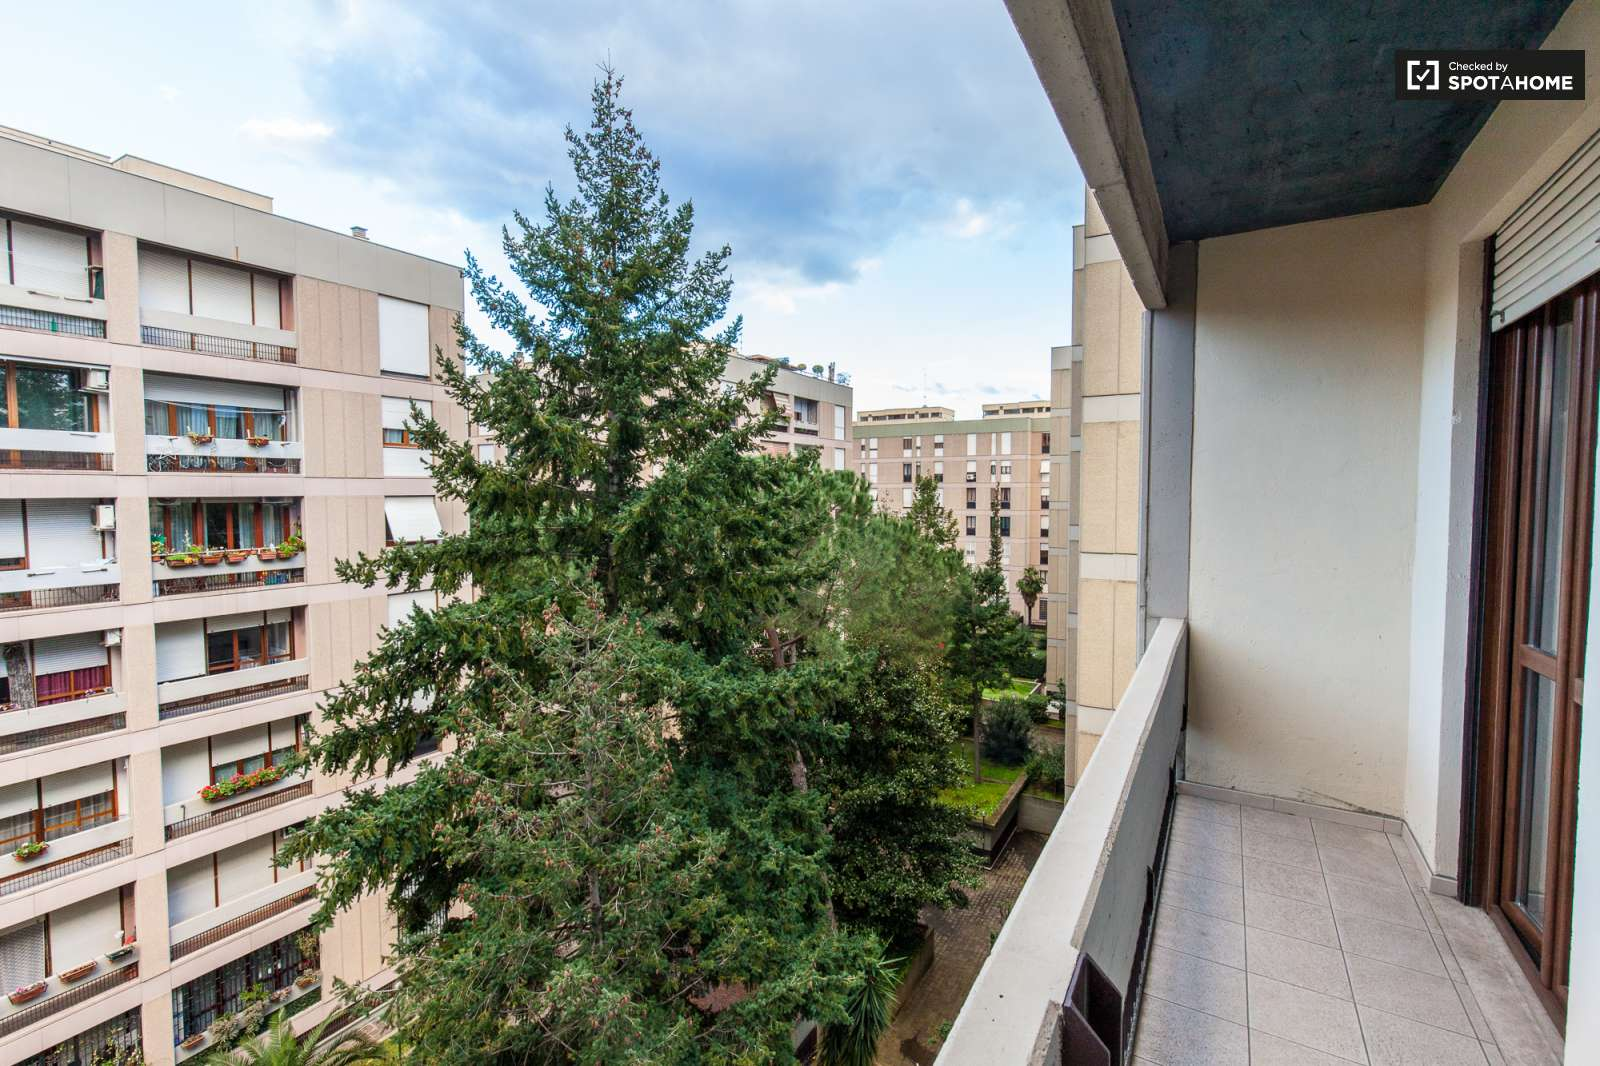 Affitto Ravenna 3 Camere Da Letto : Spaziose stanze in affitto un appartamento con camere